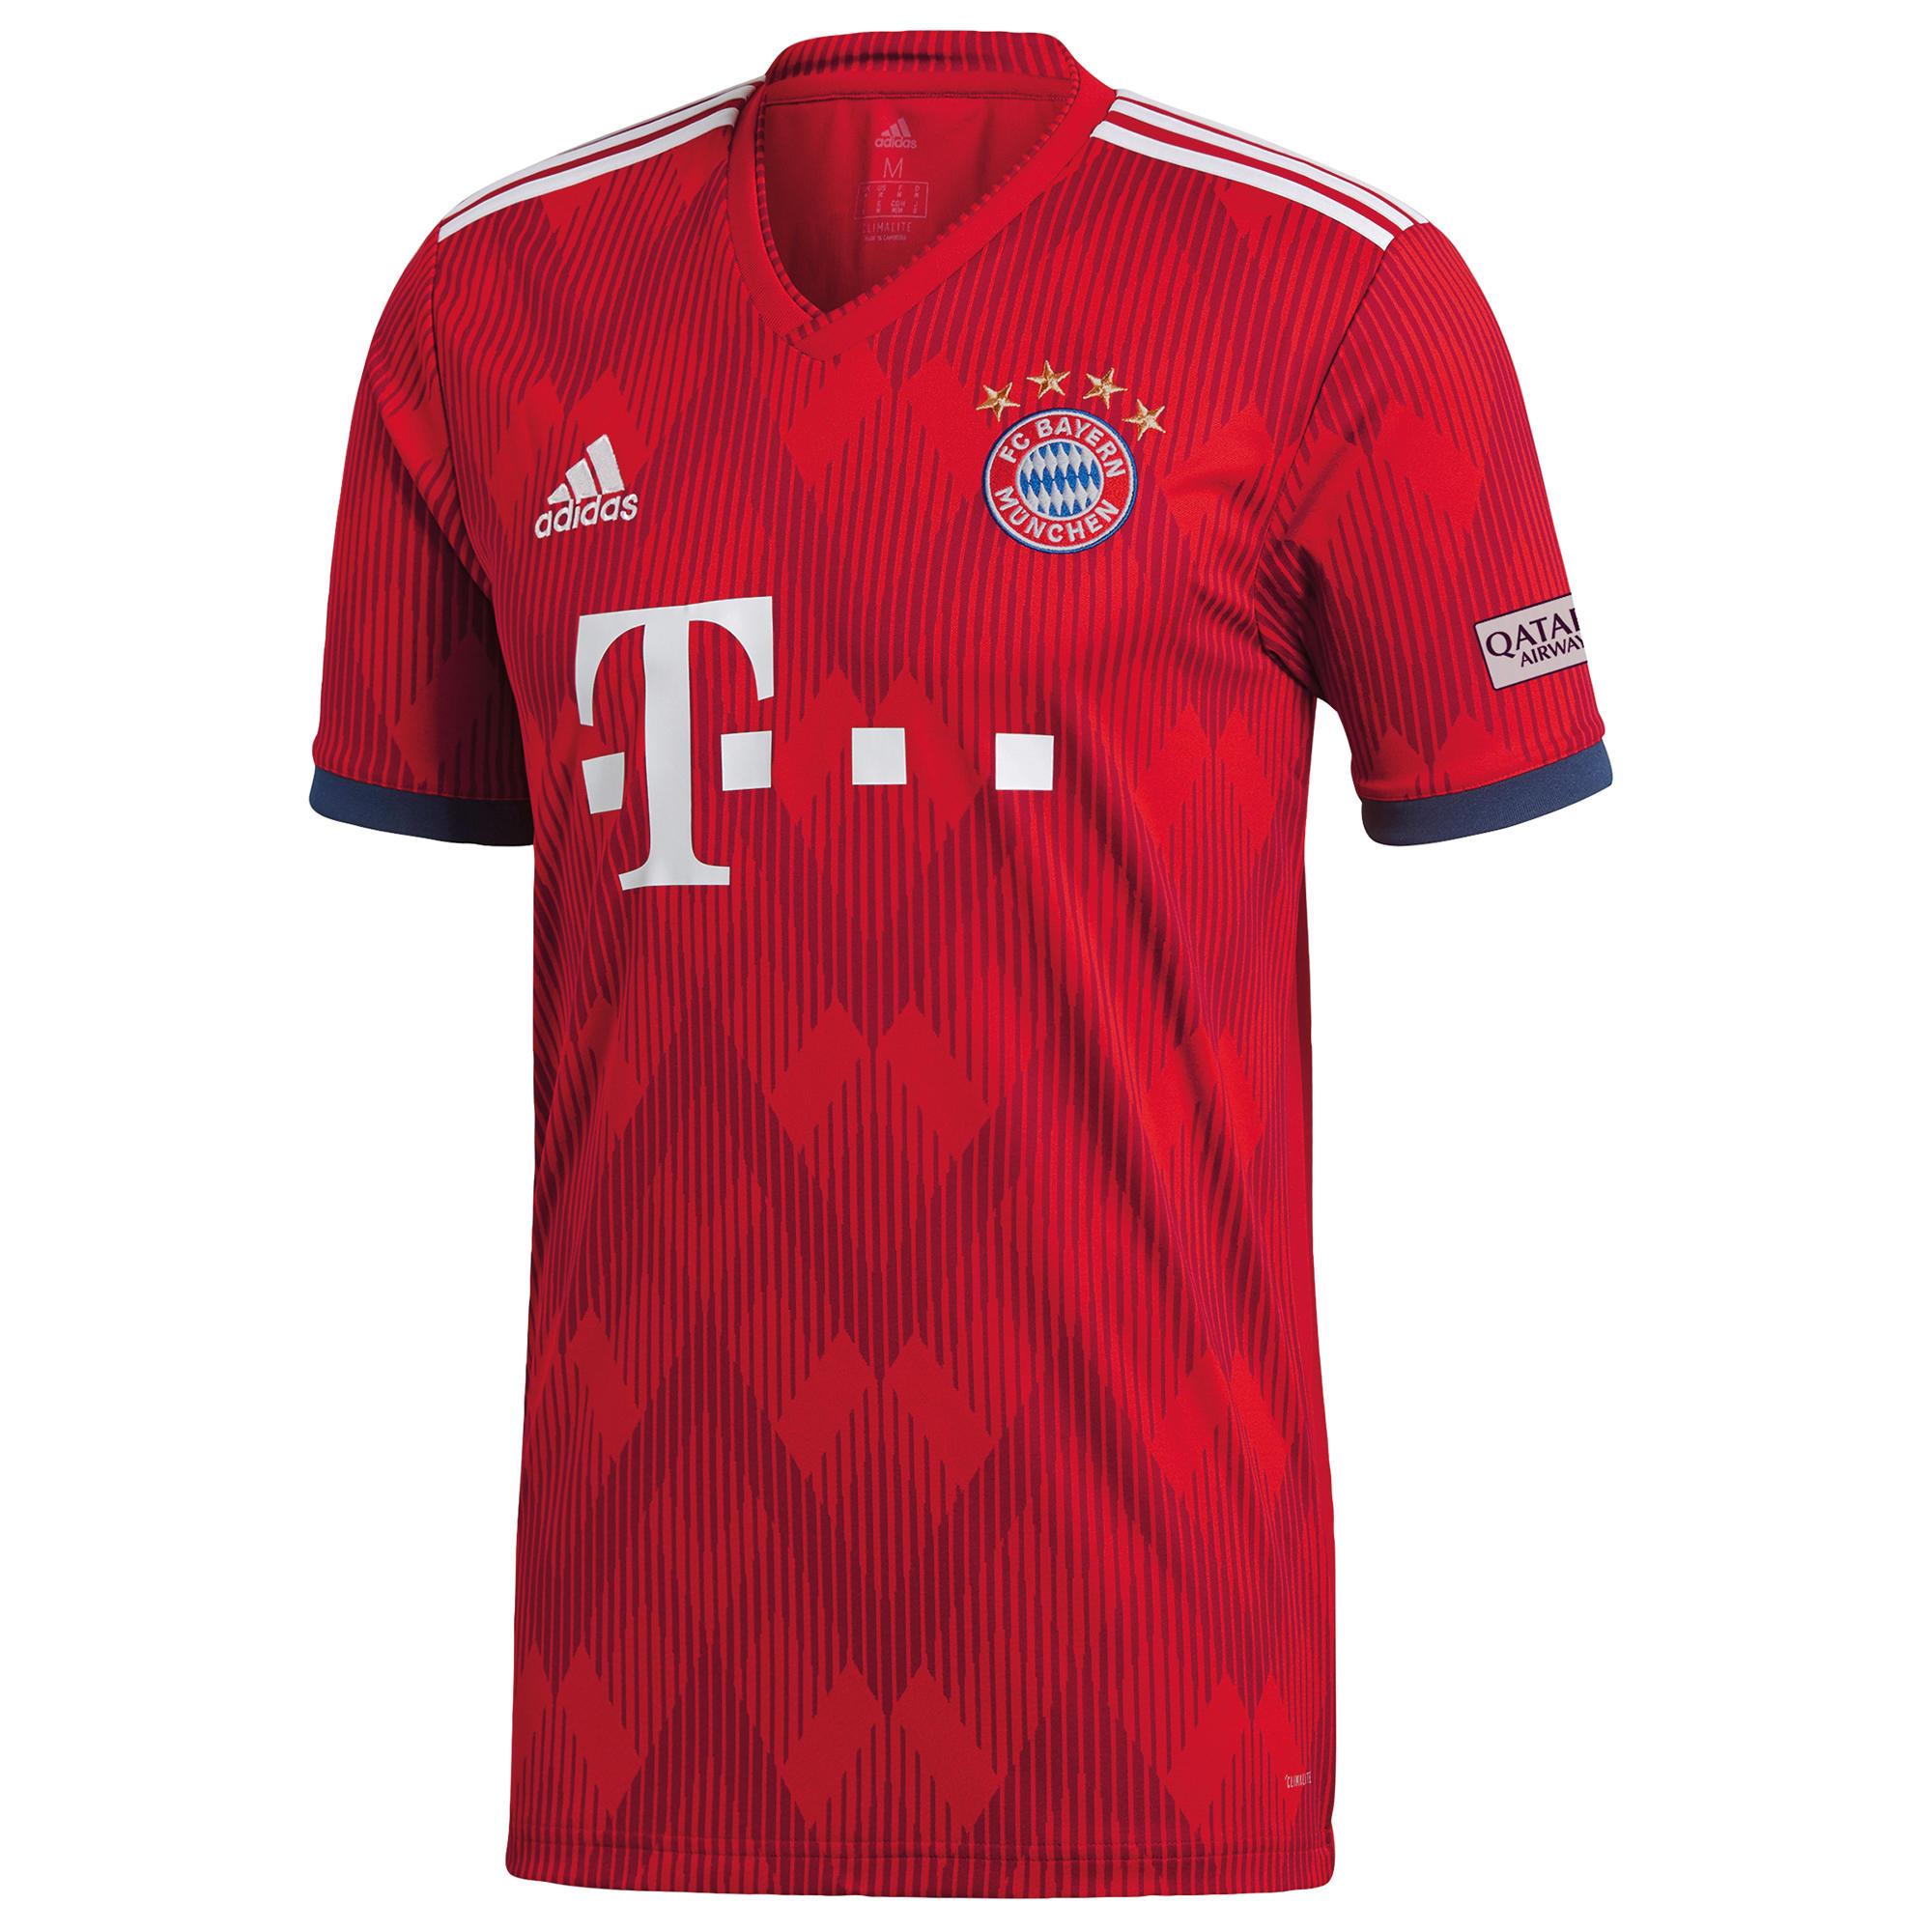 Comprar Camisetas de Fútbol para Adultos y Niños  1bb9937a8097e